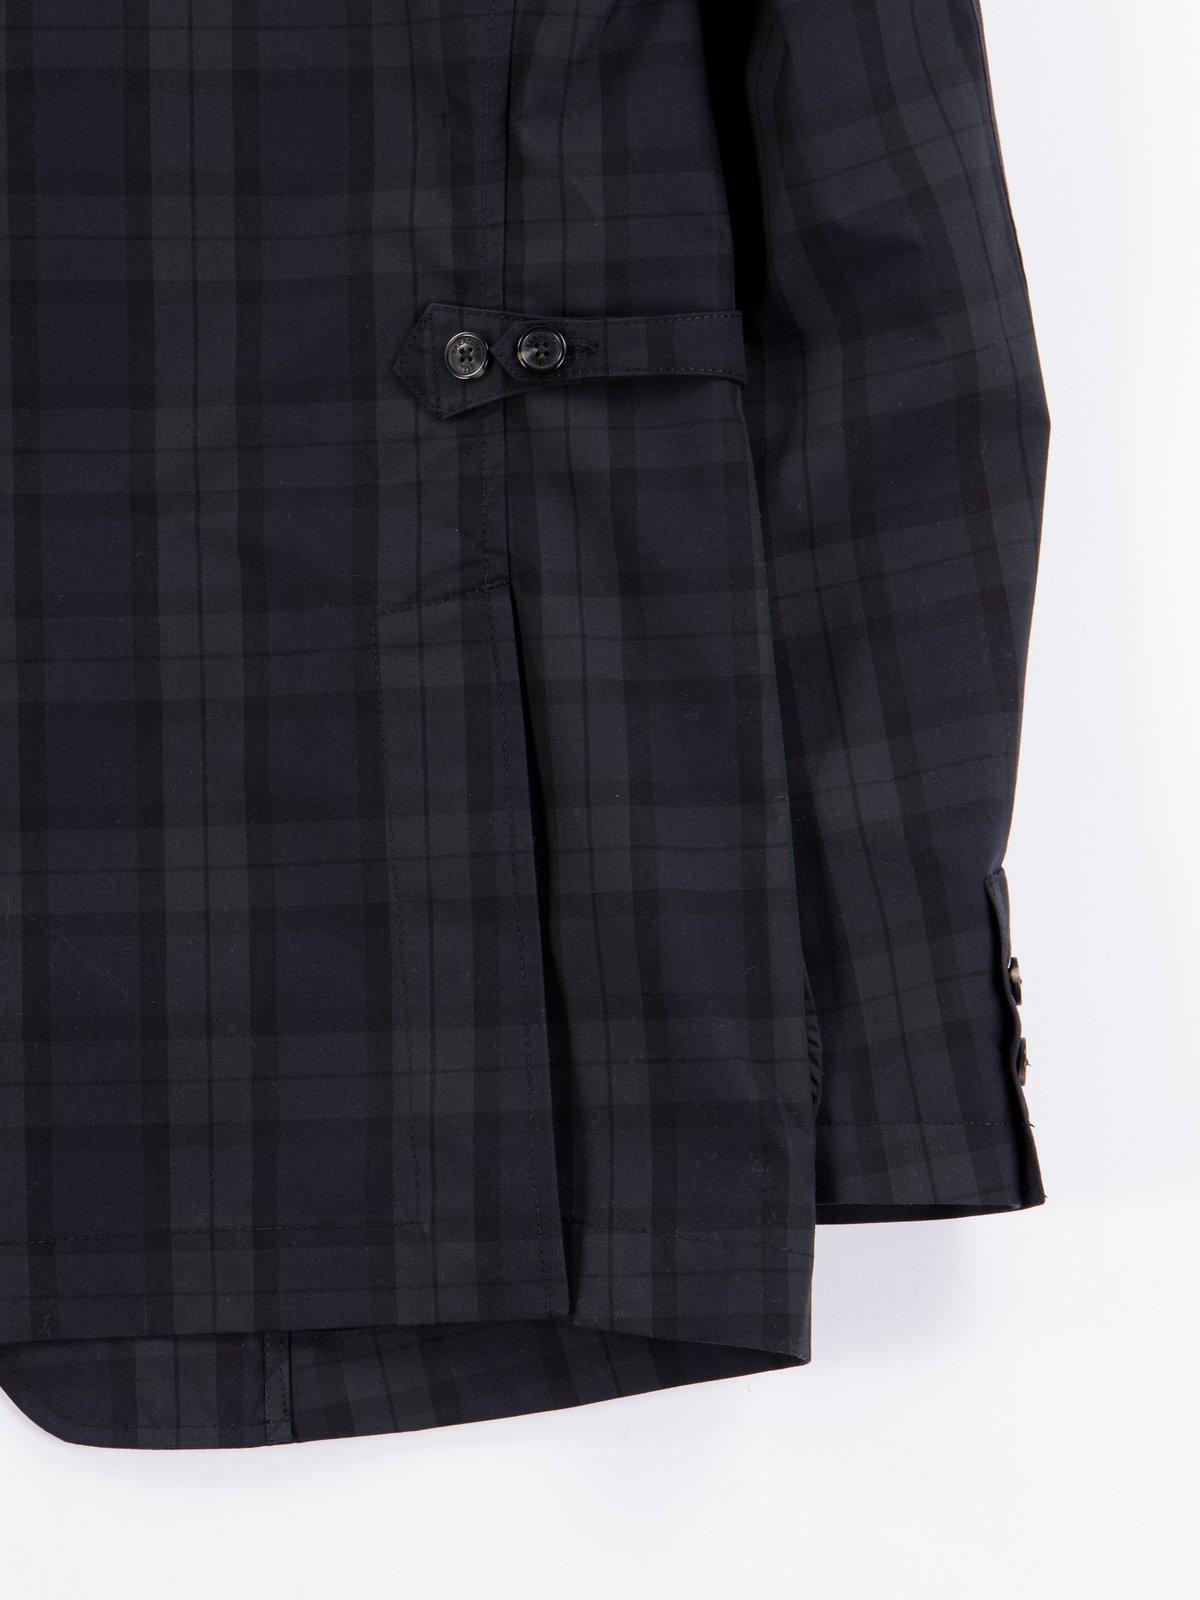 Blackwatch Structured EG Blazer - Image 7